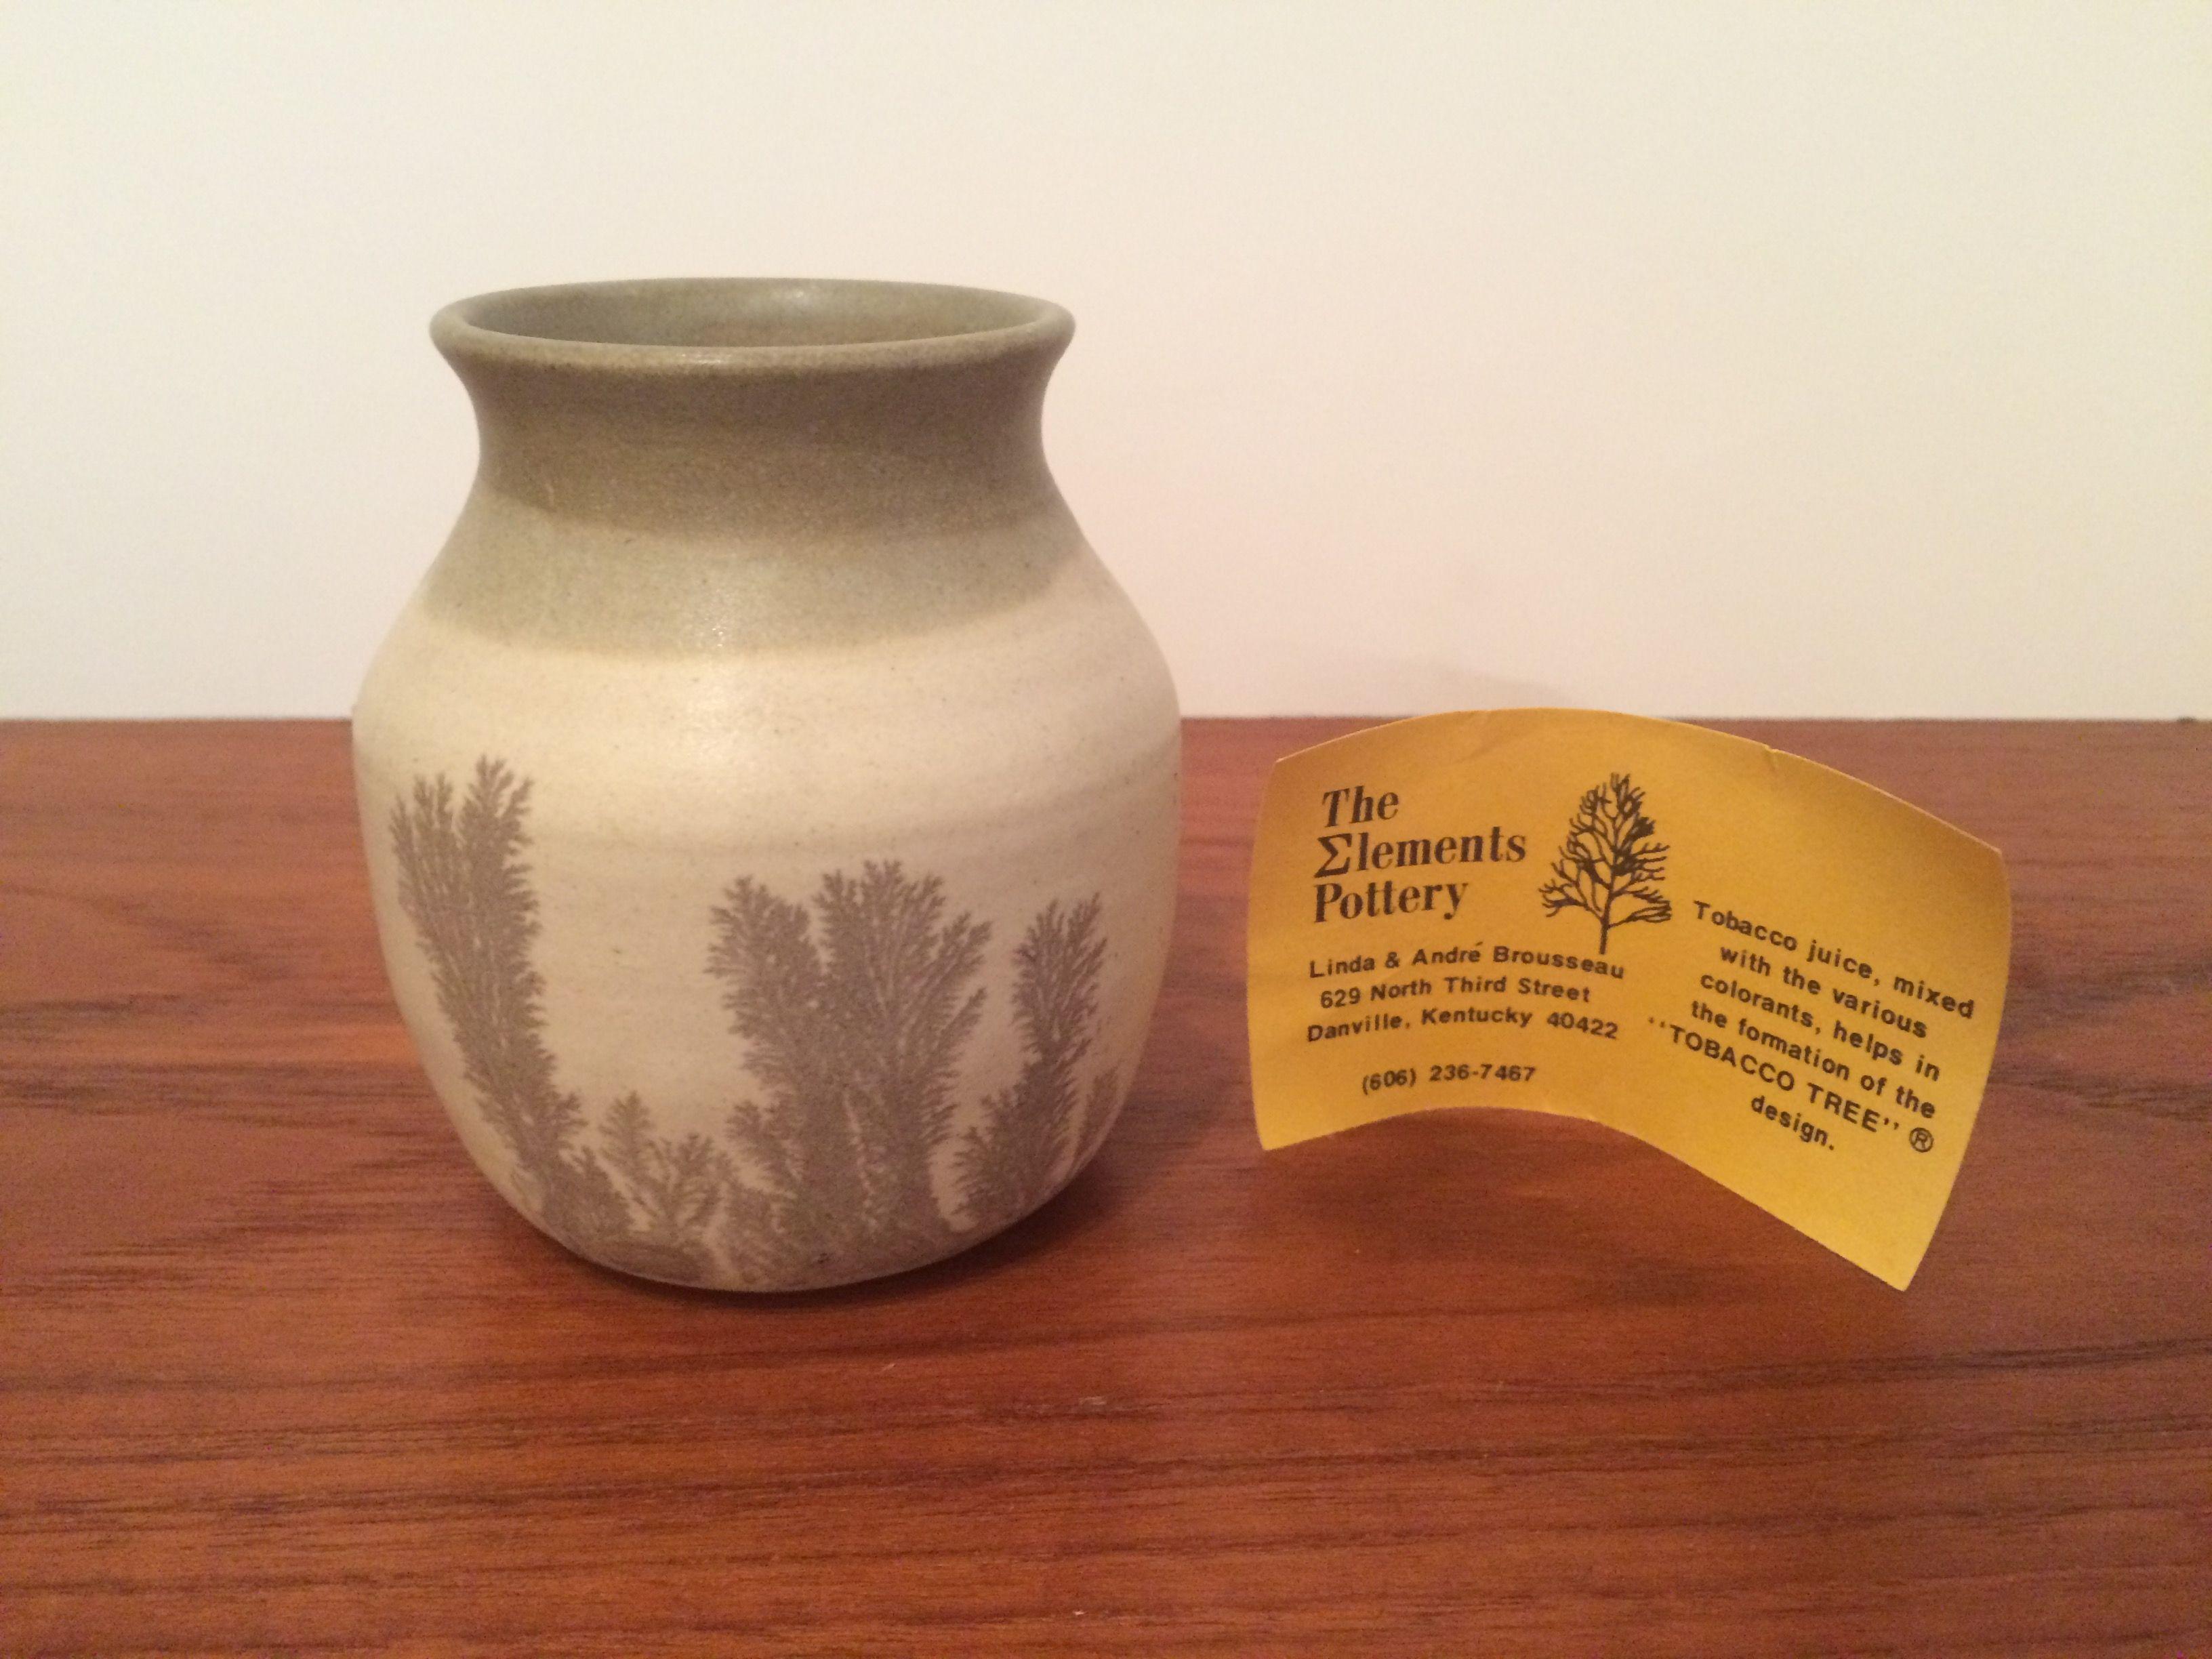 Pottery vase w tobacco juice glaze by the elements pottery signed handmade pottery reviewsmspy